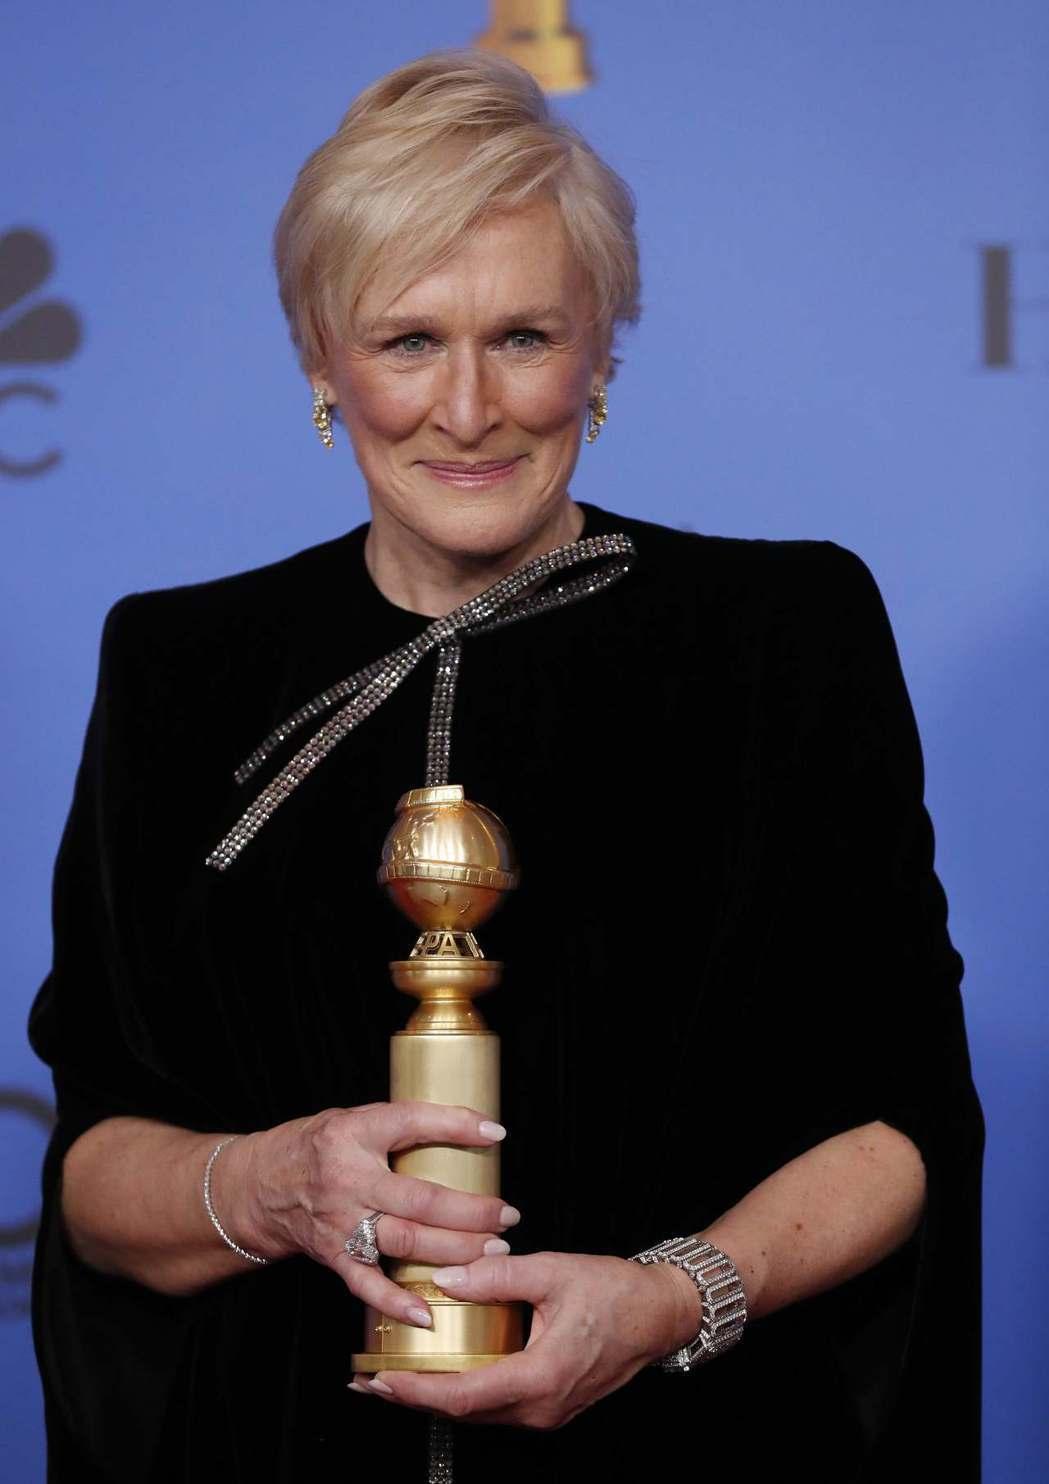 葛倫克蘿絲在金球獎上勝出,爭取在奧斯卡上終結摃龜悲情。圖/路透資料照片